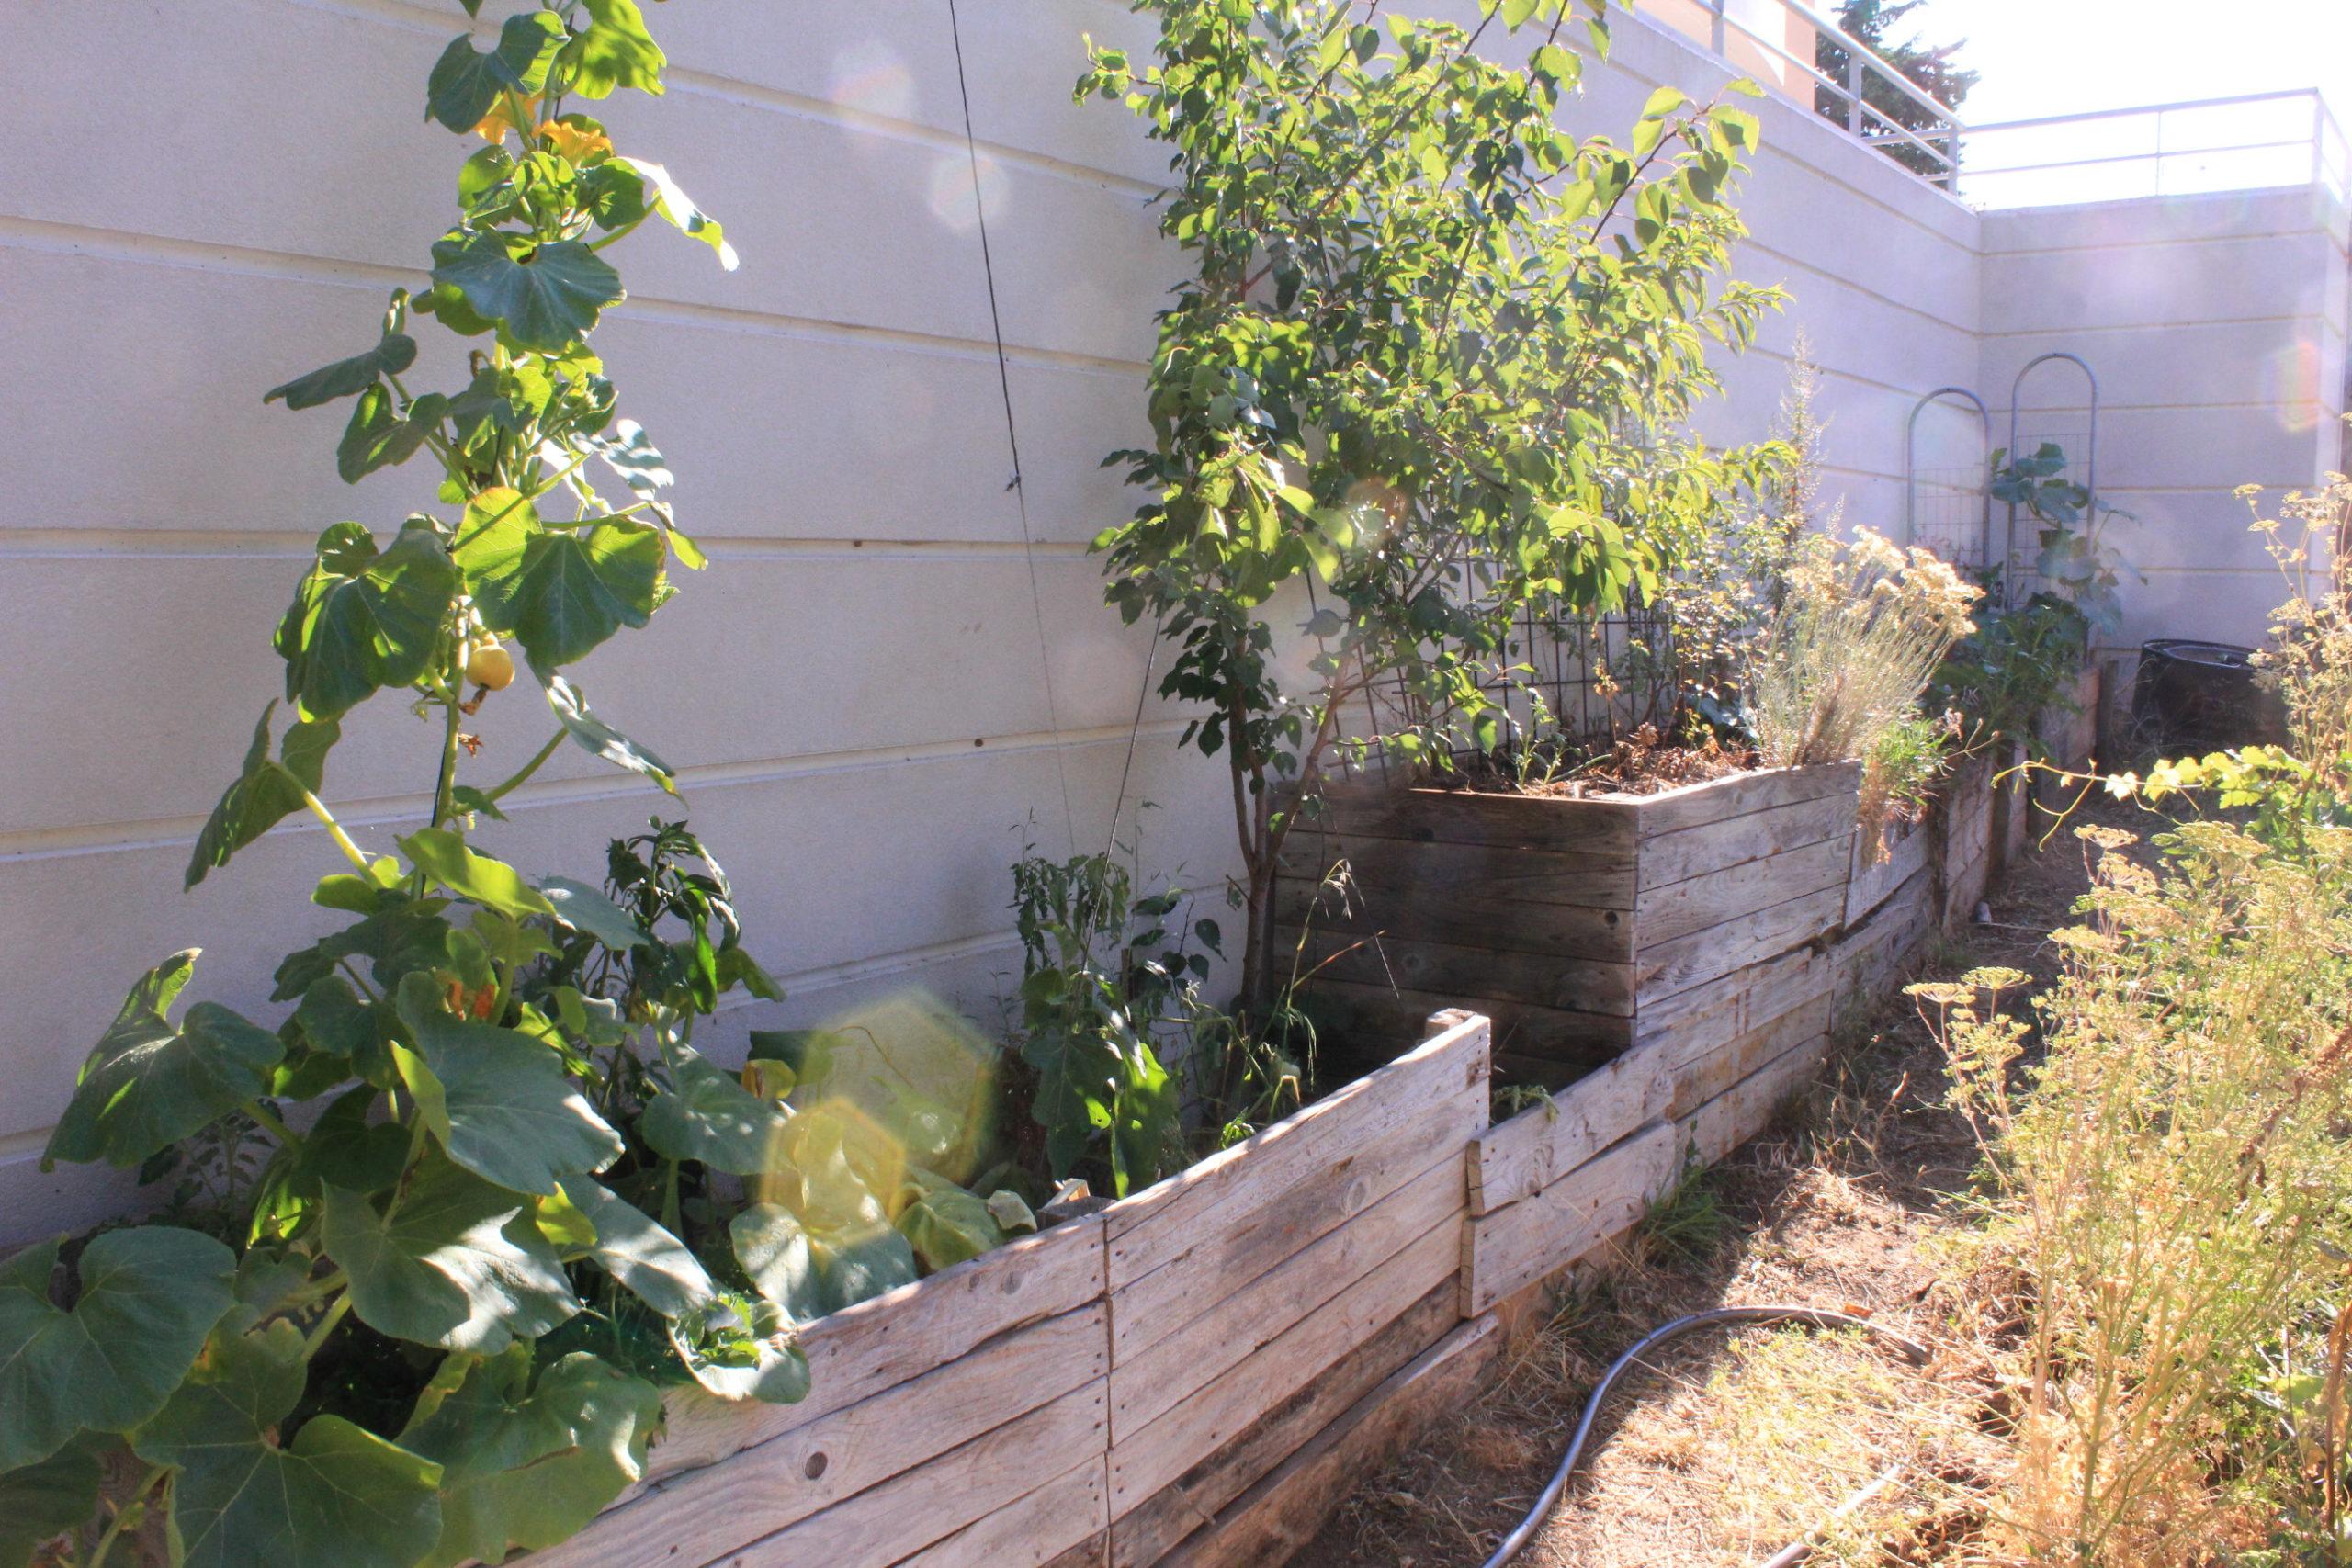 vue large de plate-bandes de culture avec différentes strates végétales : courges et arbres fruitiers